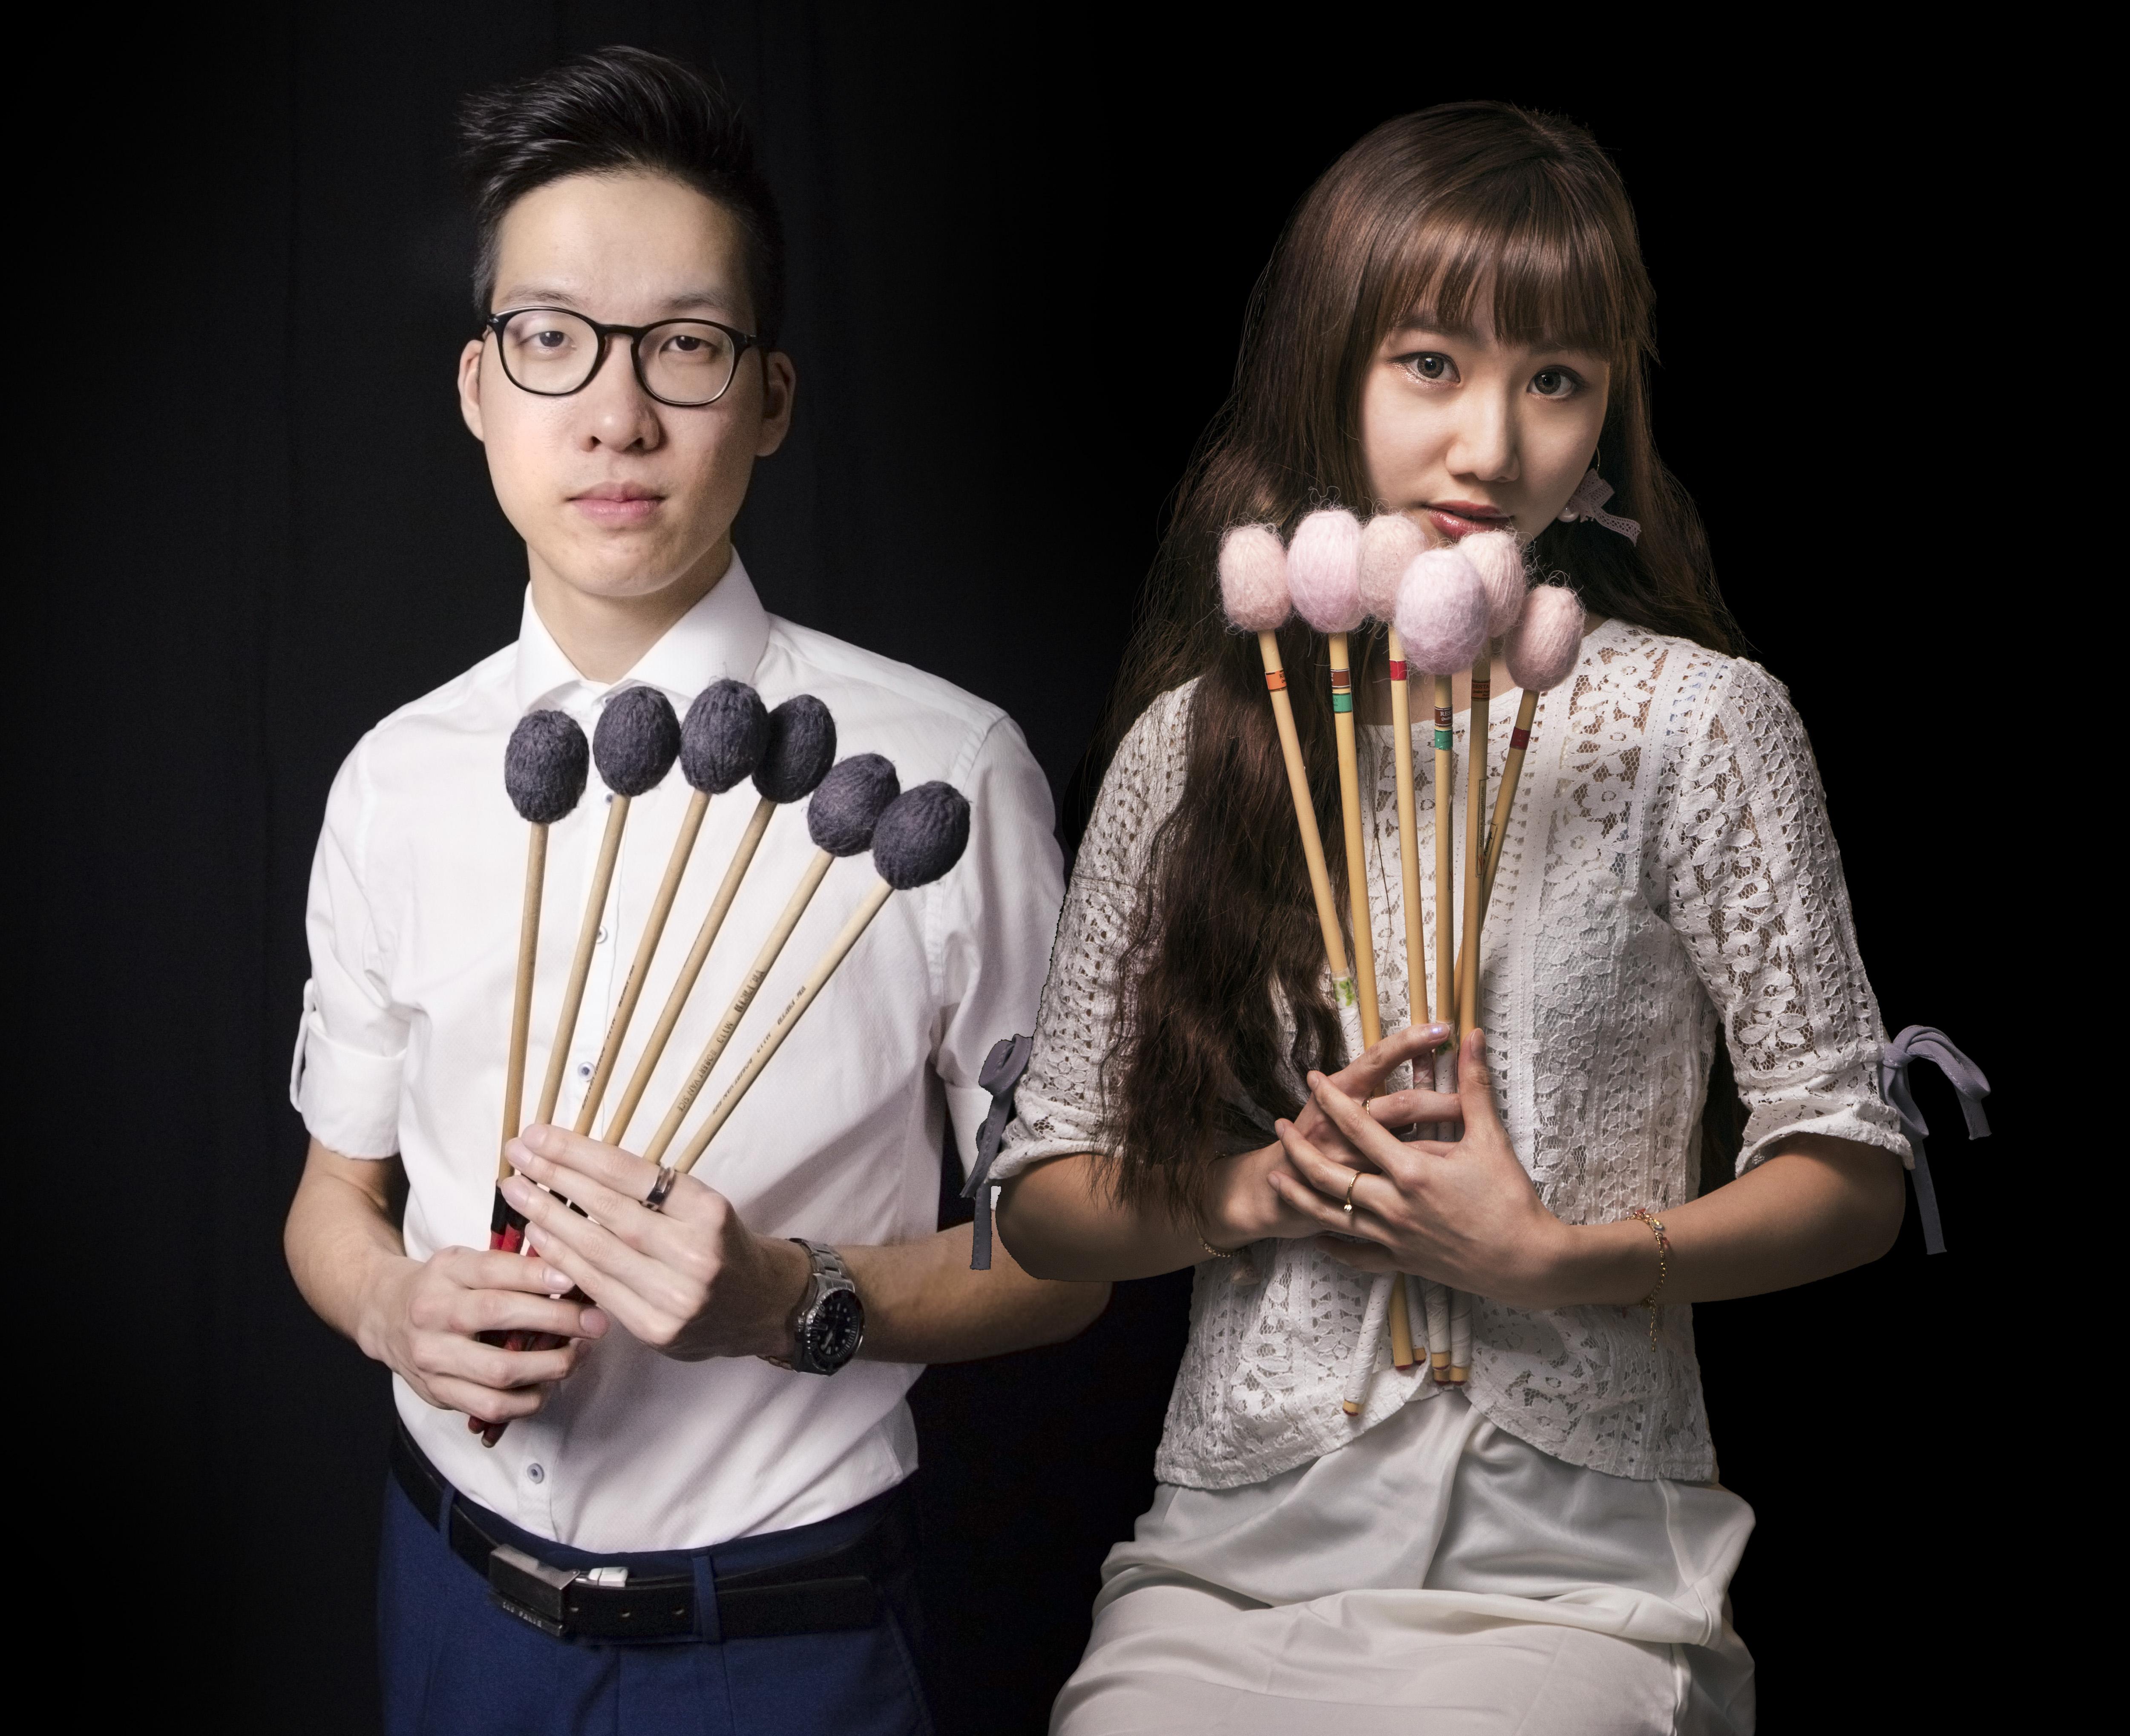 Introducing our new marimba duo